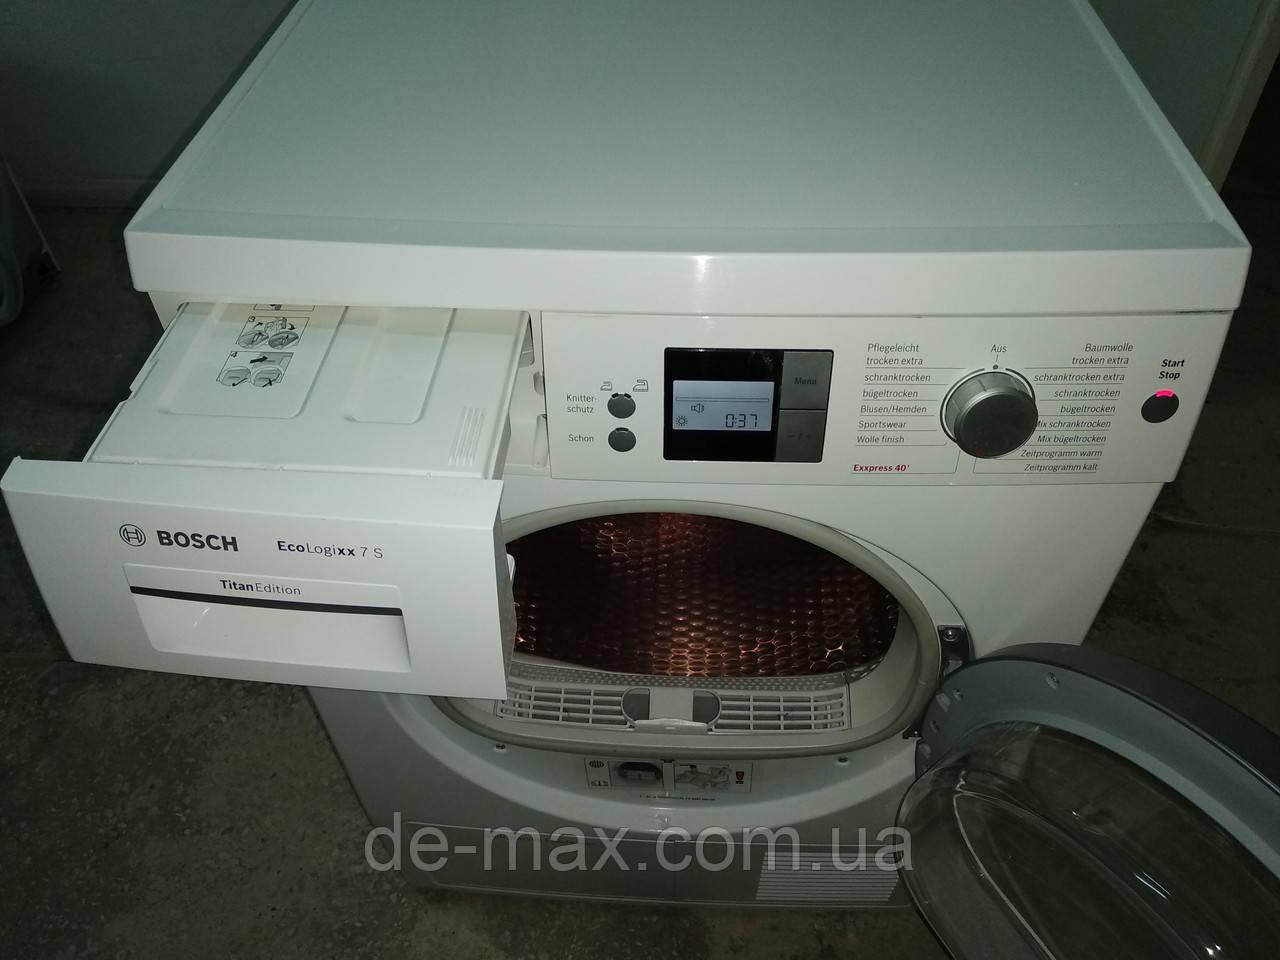 Сушильная машина с тепловым насосом Bosch Eco Logixx 7 S  WTW 86575 EX